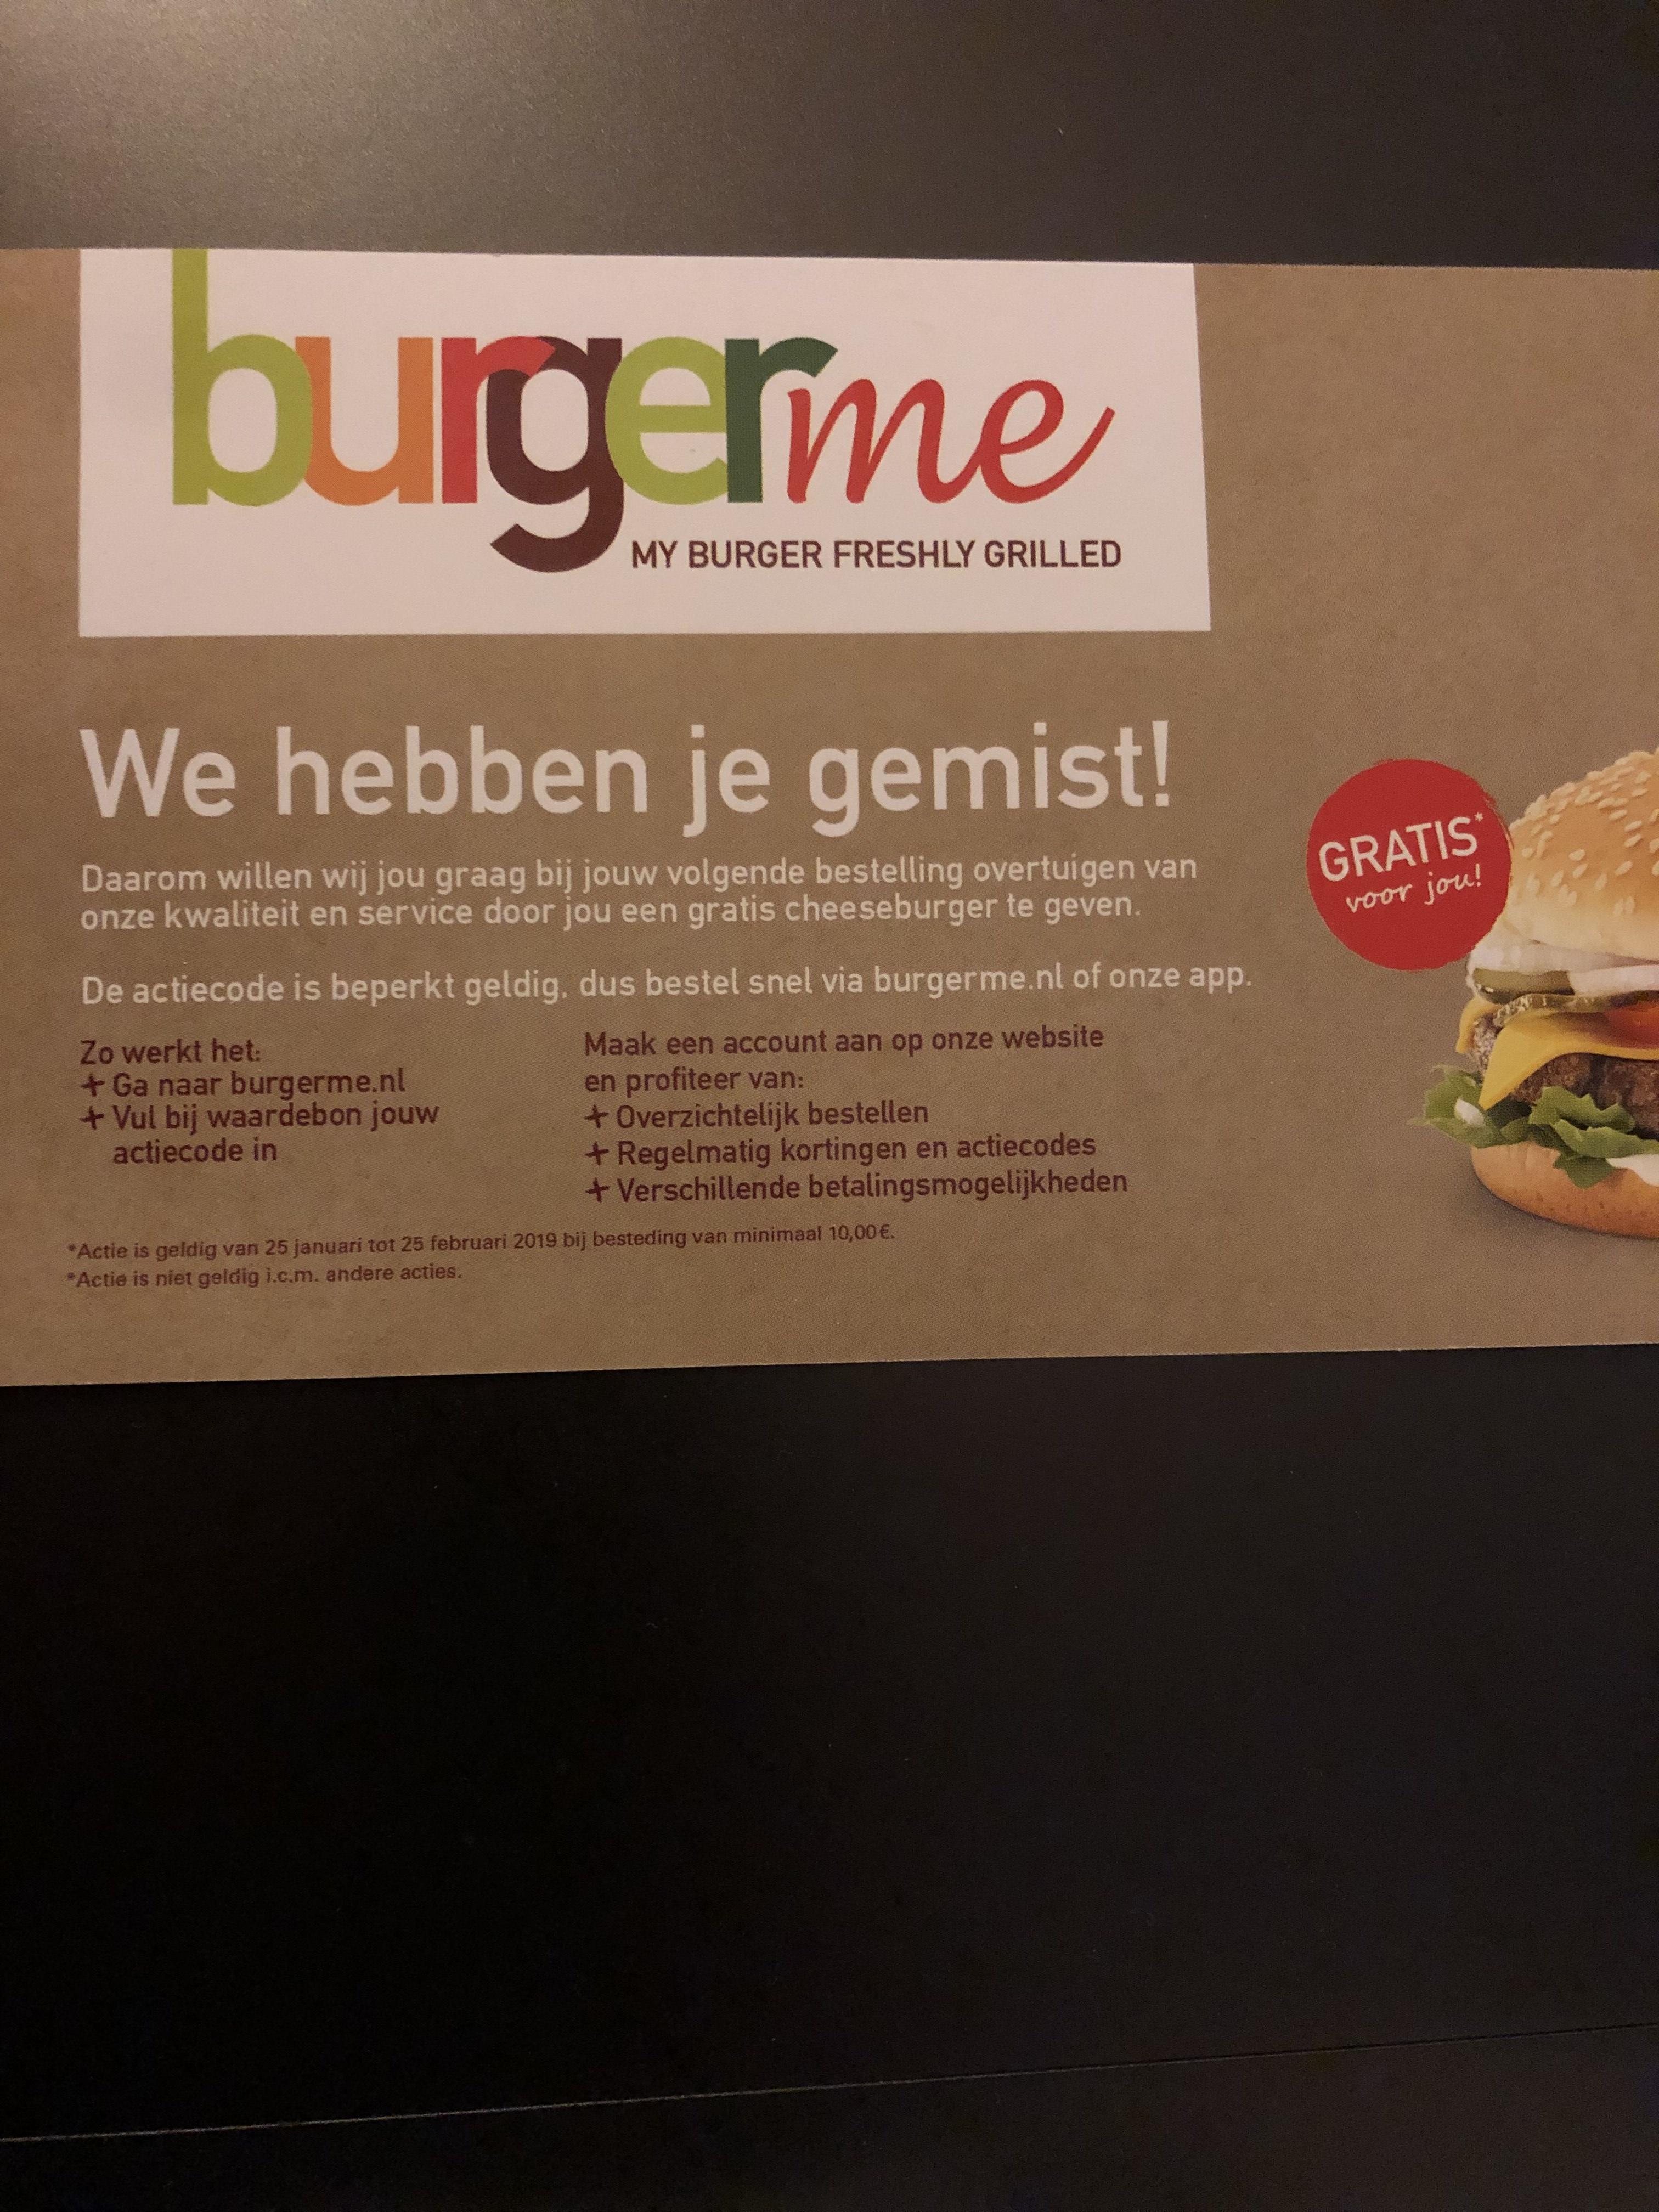 Gratis cheeseburger bij burgerme bij je bestelling